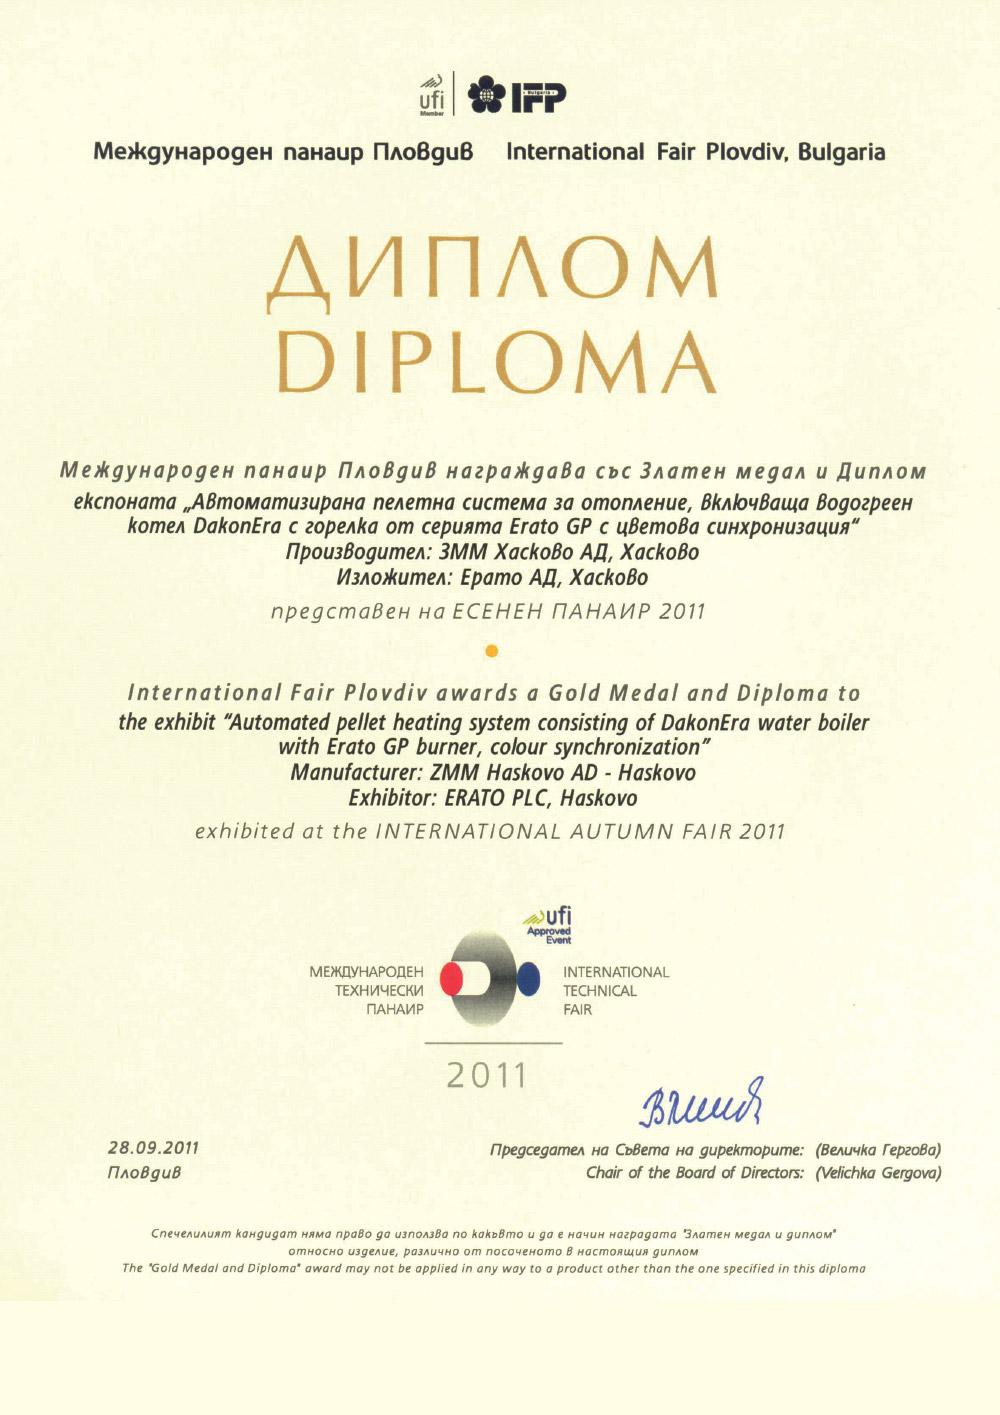 Диплом Международен панаир Пловдив Златен медал 2011